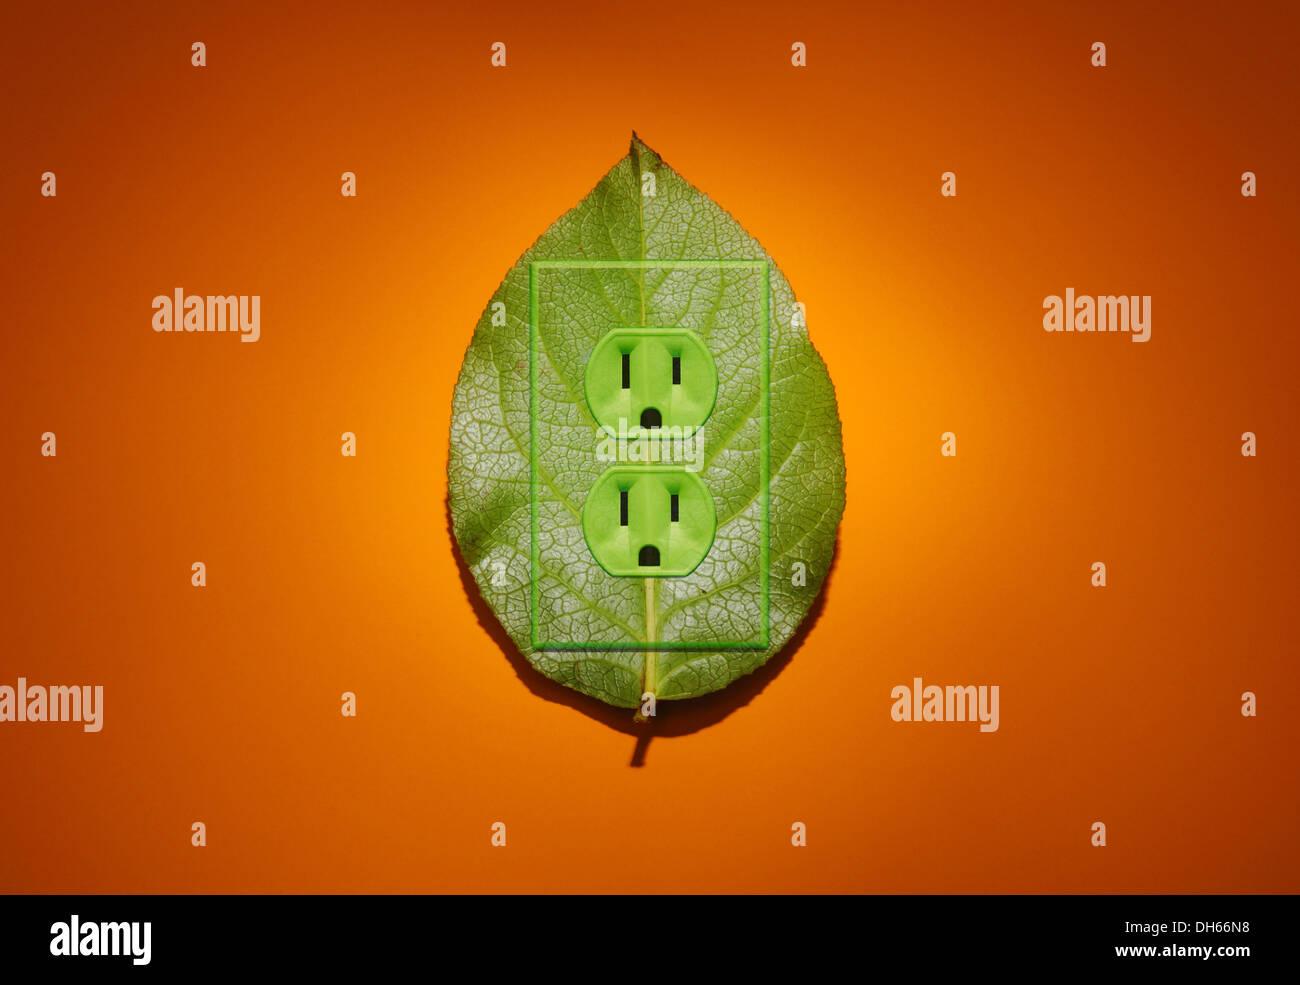 Eine grüne Pflanze Blatt grün farbigen Steckdosen hinzugefügt. Leuchtend orange Hintergrund Stockbild